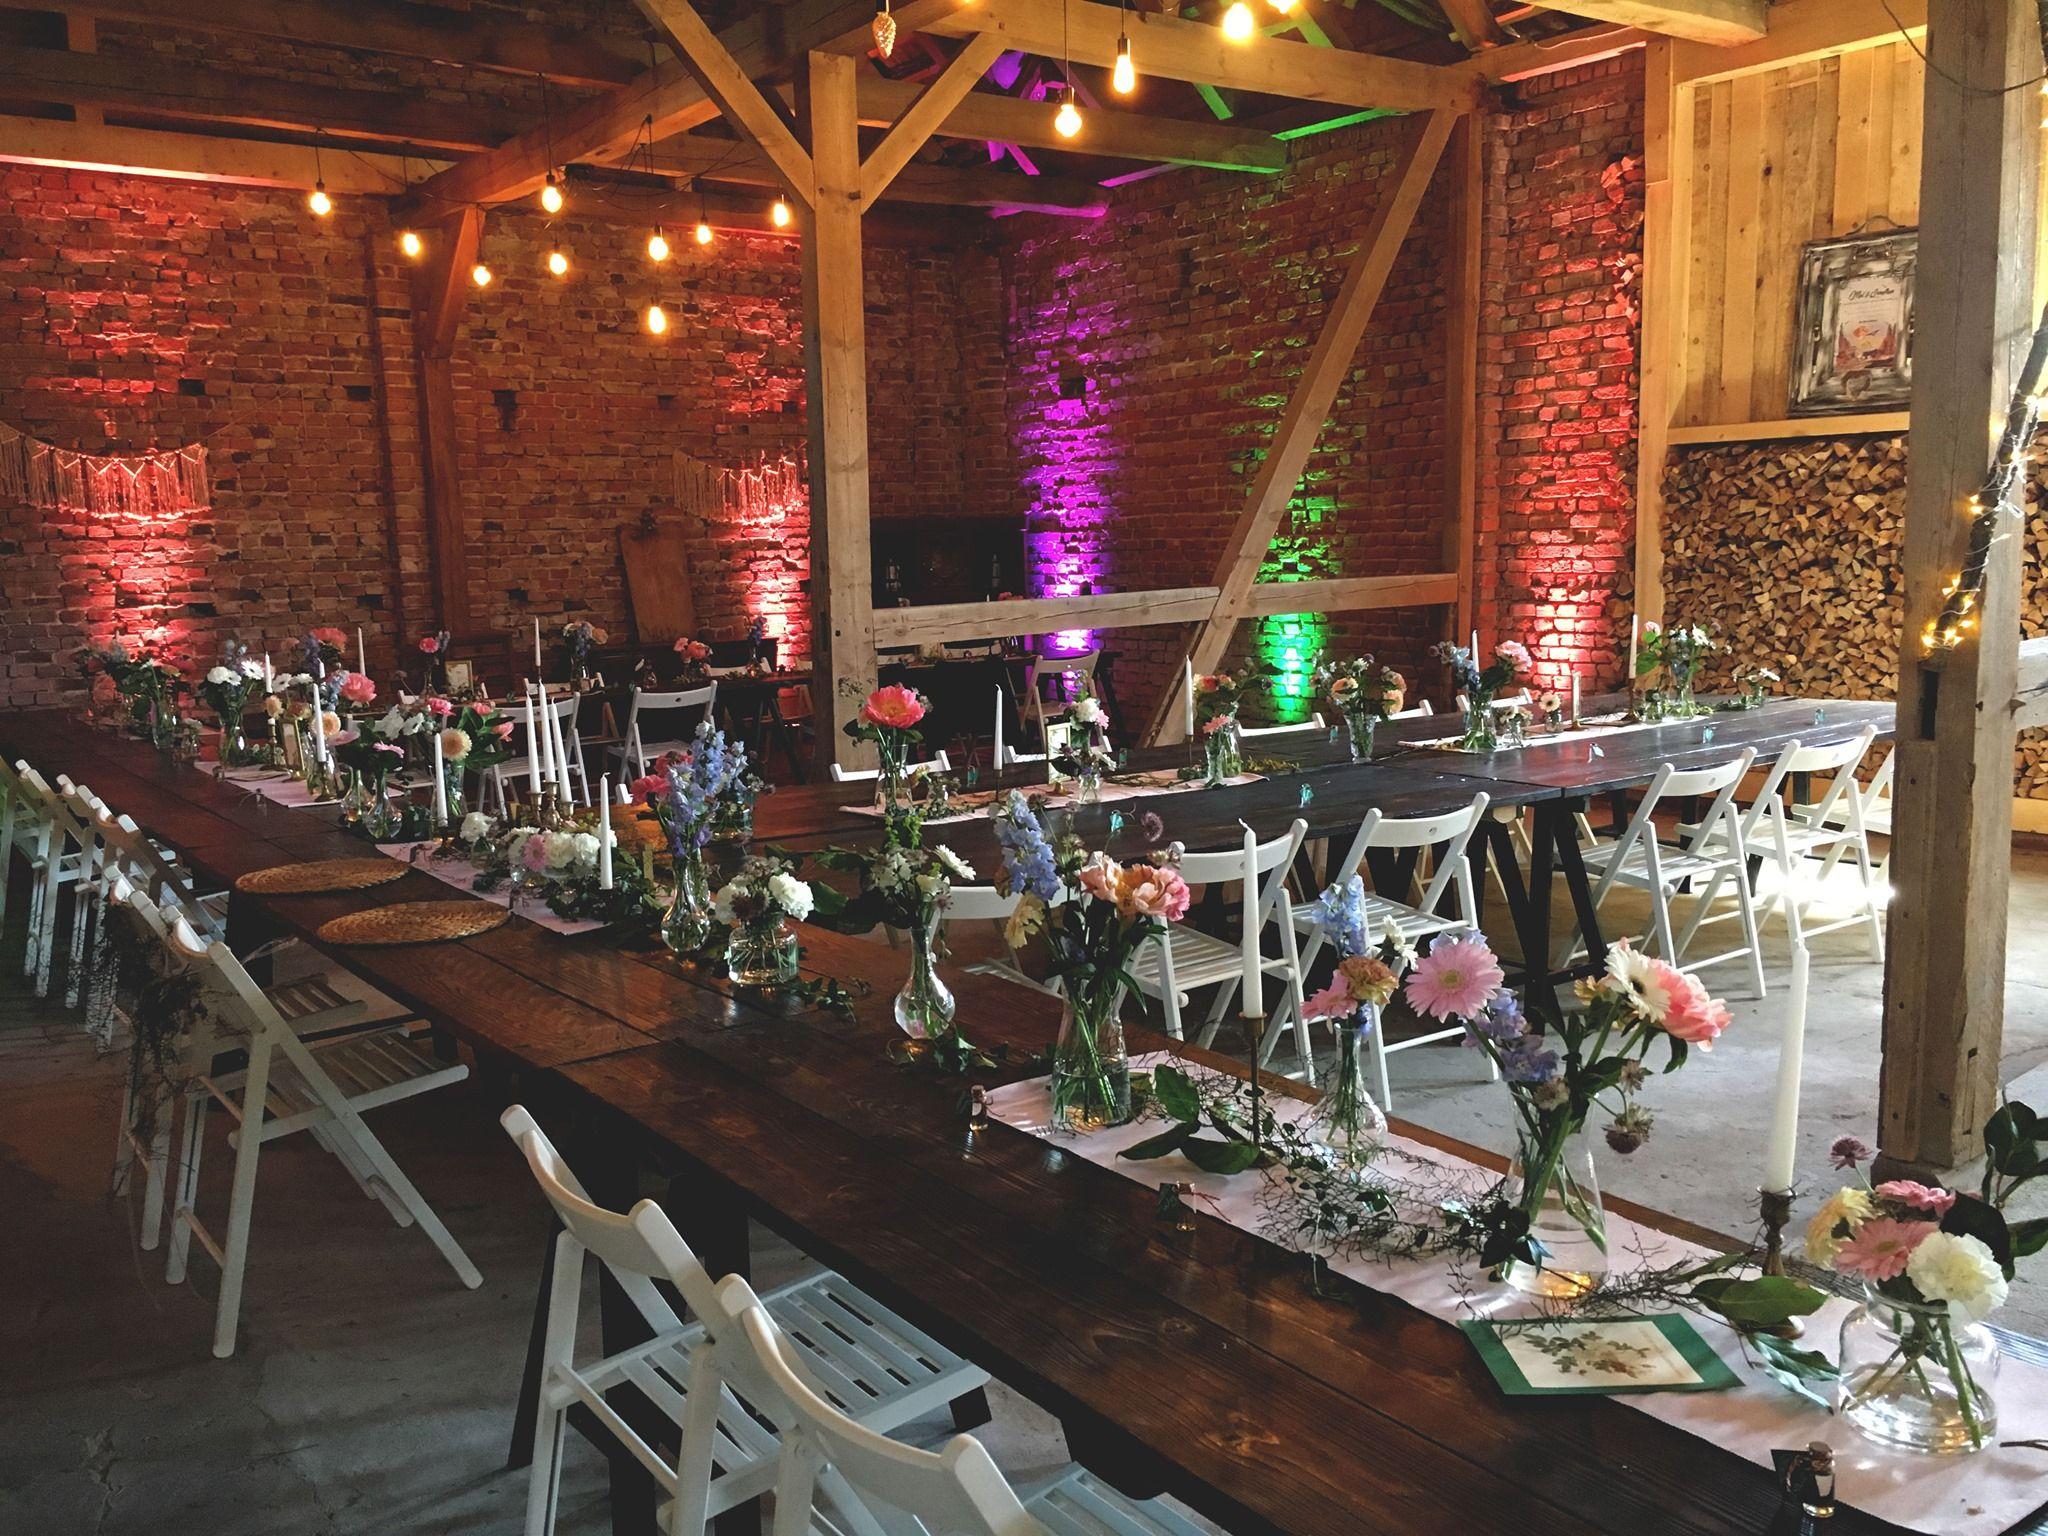 Landhochzeit Boho Vintage Weddings Hochzeitsscheune Glucksburg Heiraten In Der Natur Hochzeit Berlin Boho Vintage Hochzeit Bauernhof